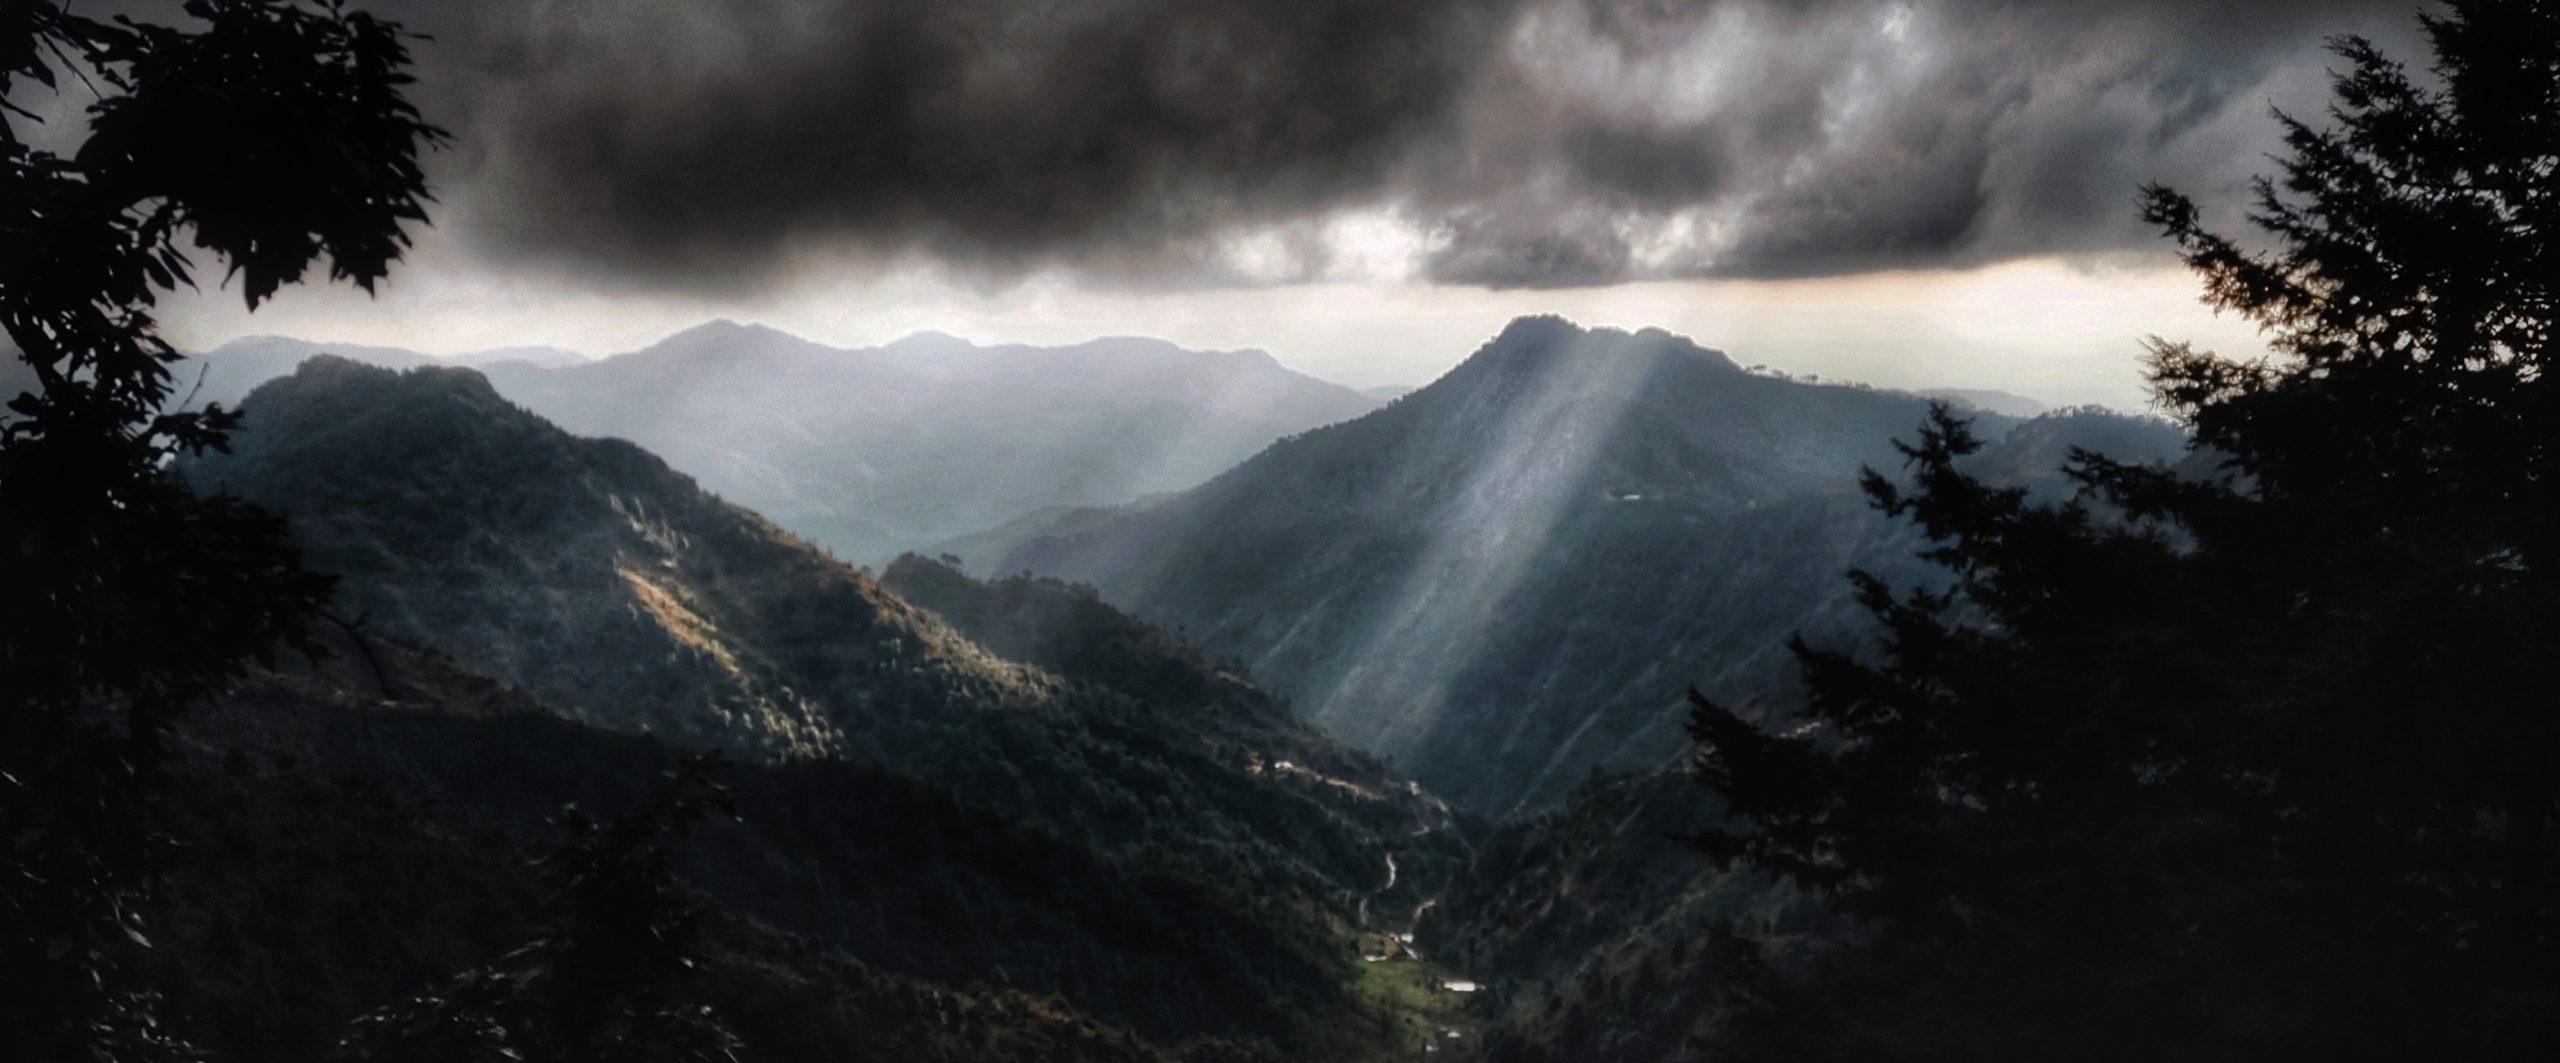 Mountain Valley Mist